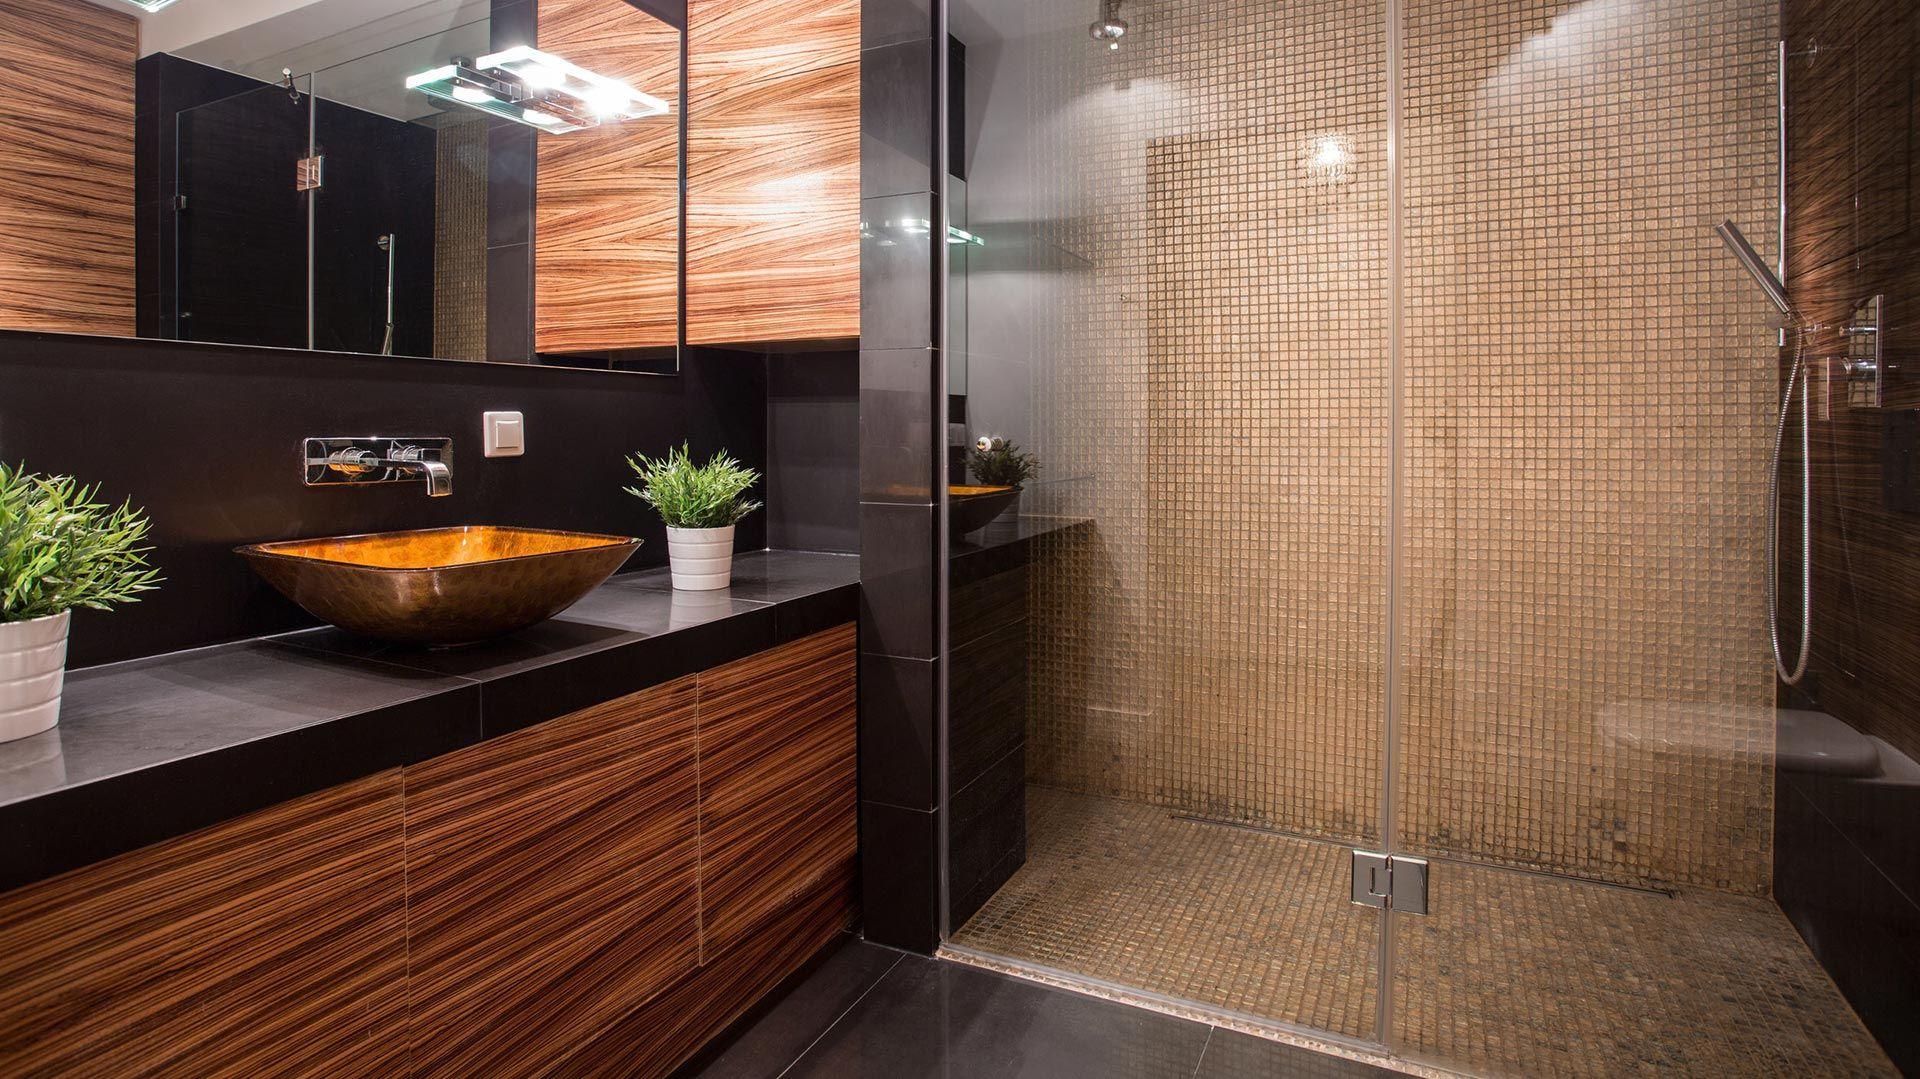 How To Replace A Glass Shower Door Seal Door Sweep Shower Doors